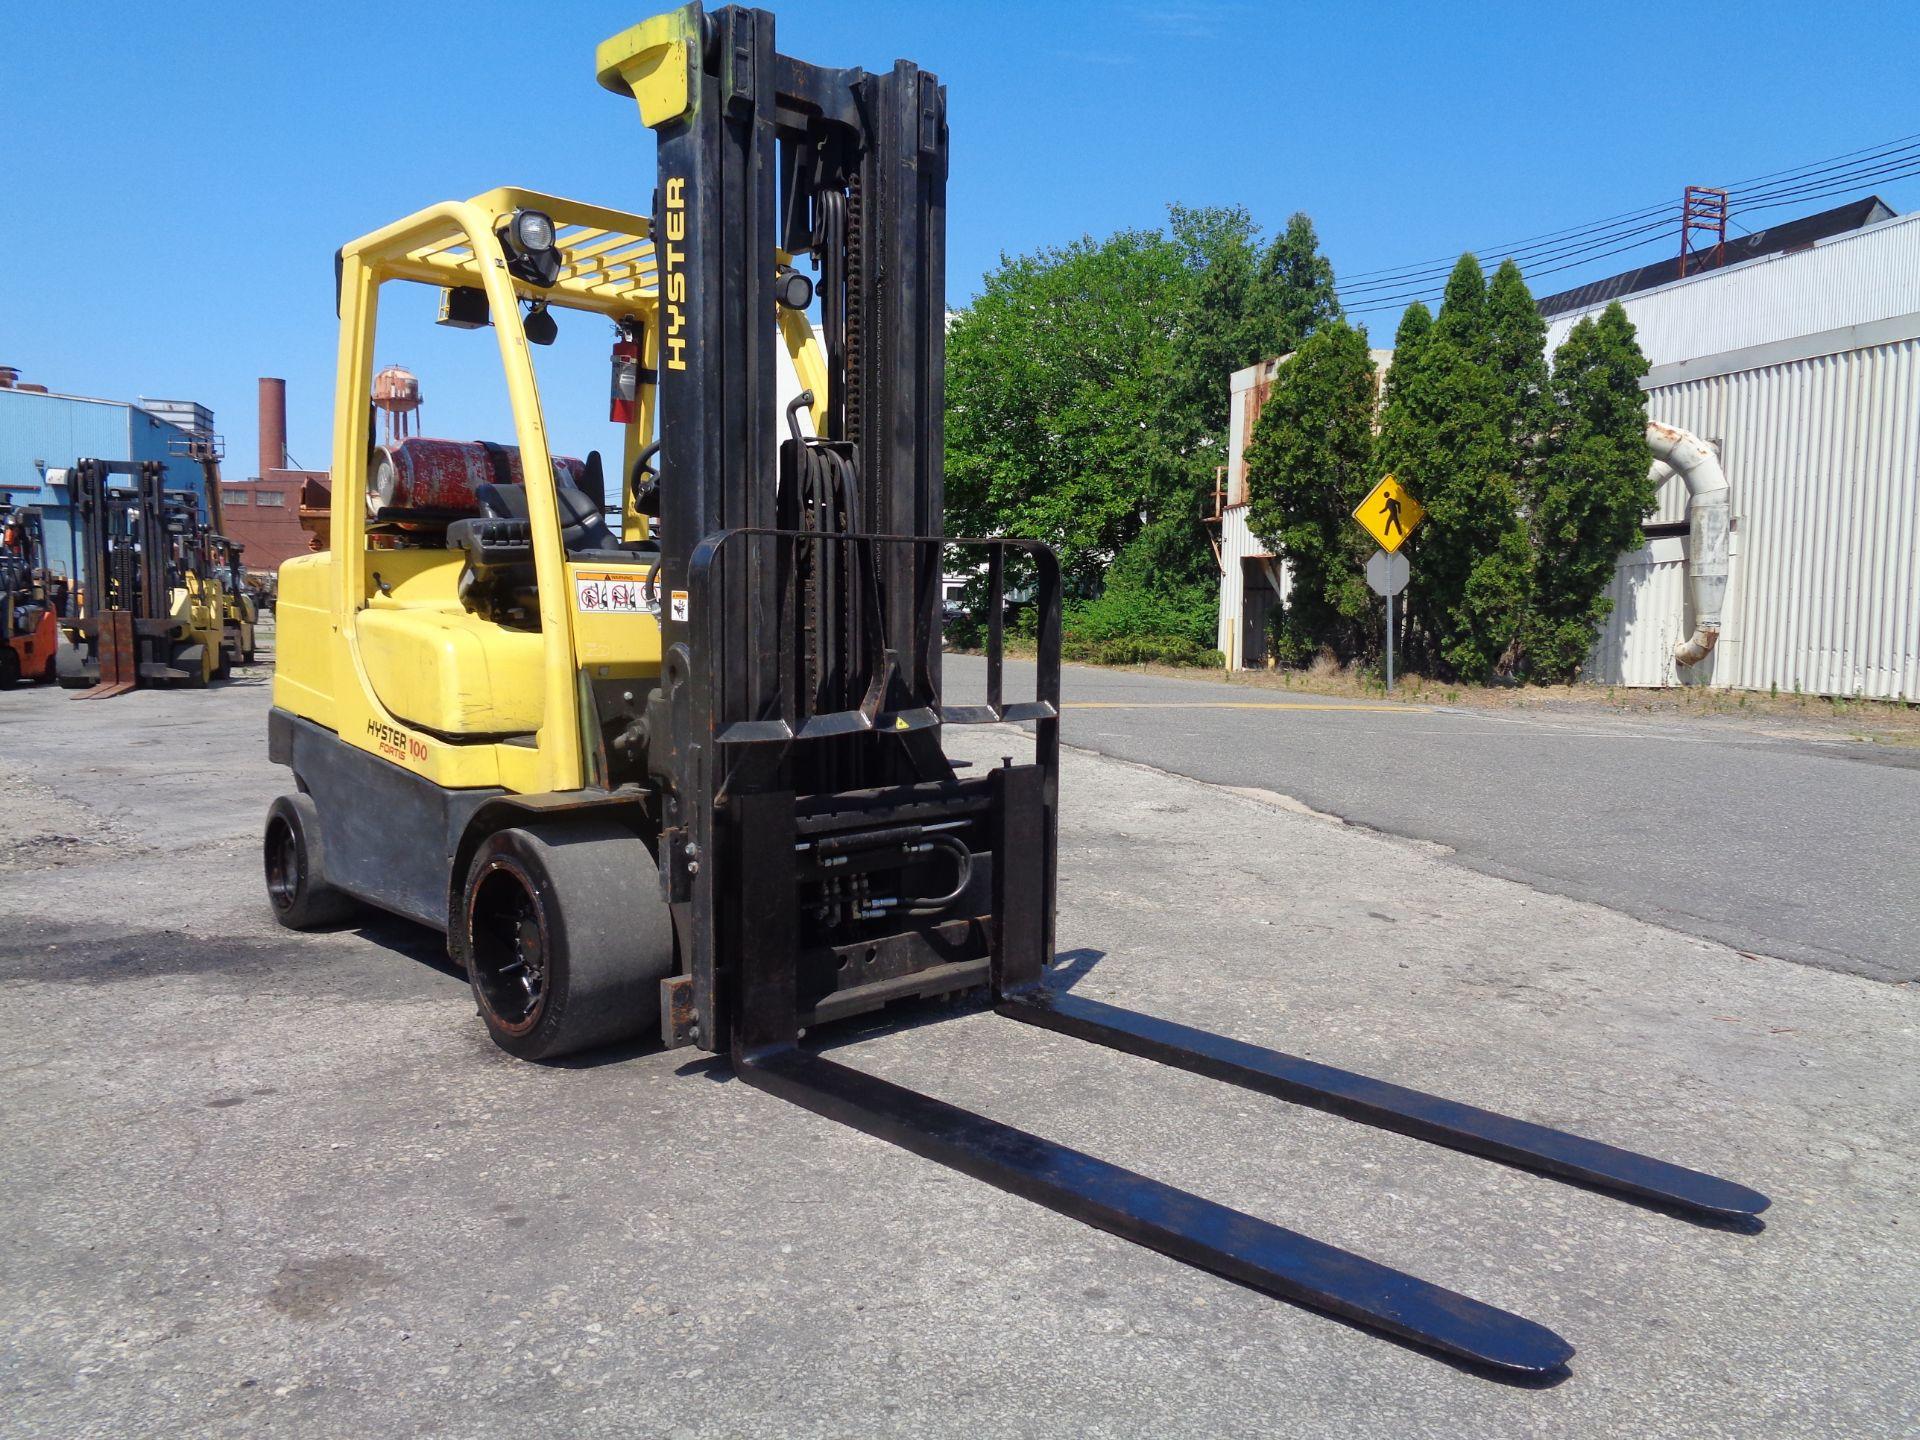 Hyster S100FT 10,000lb Forklift - Image 12 of 19